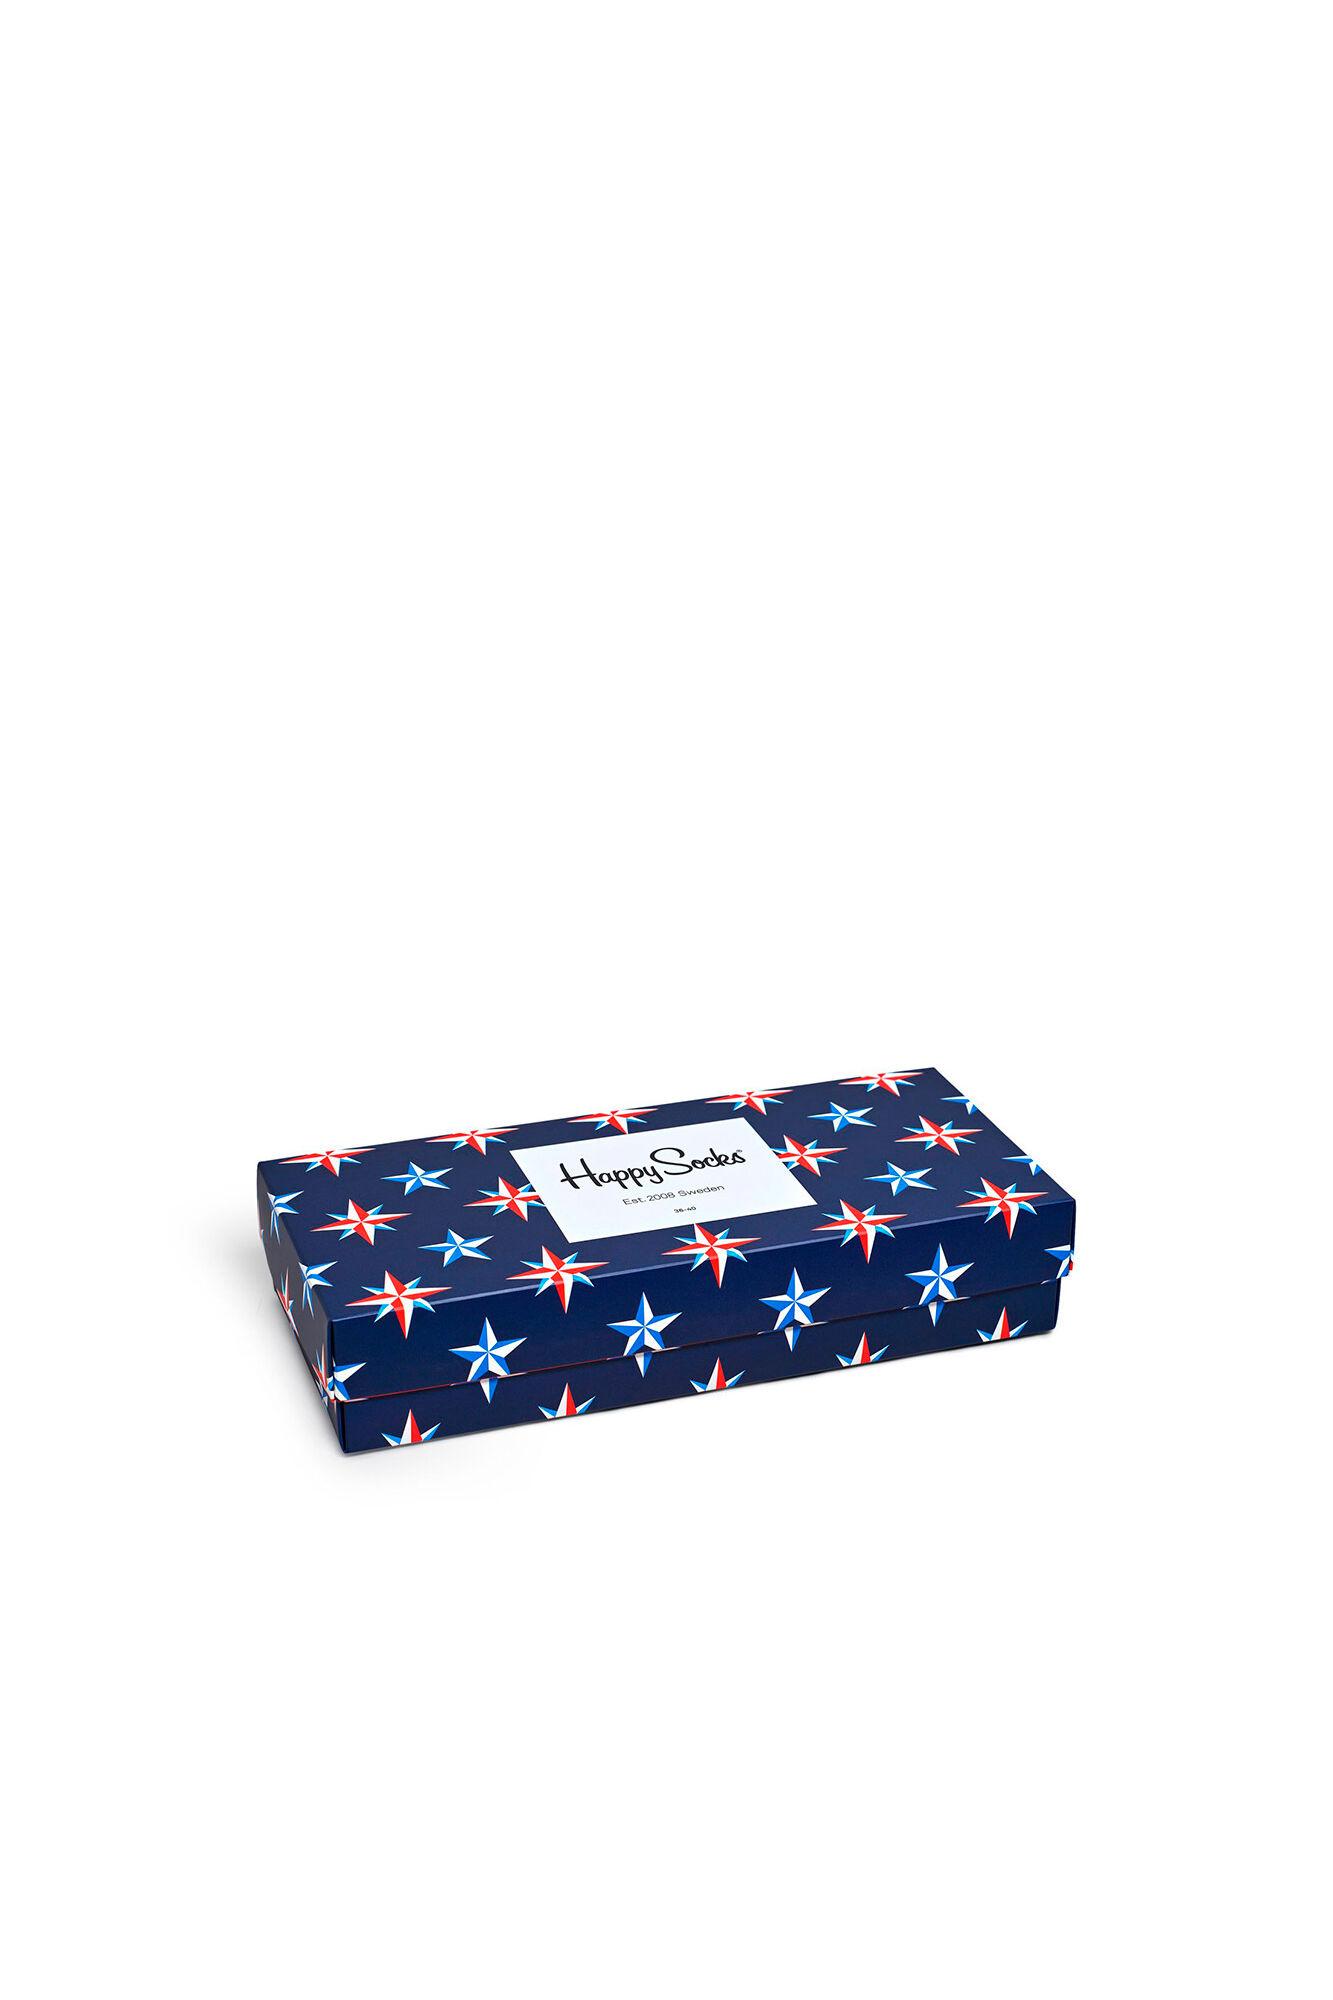 Nautical Gift Box XNAU09